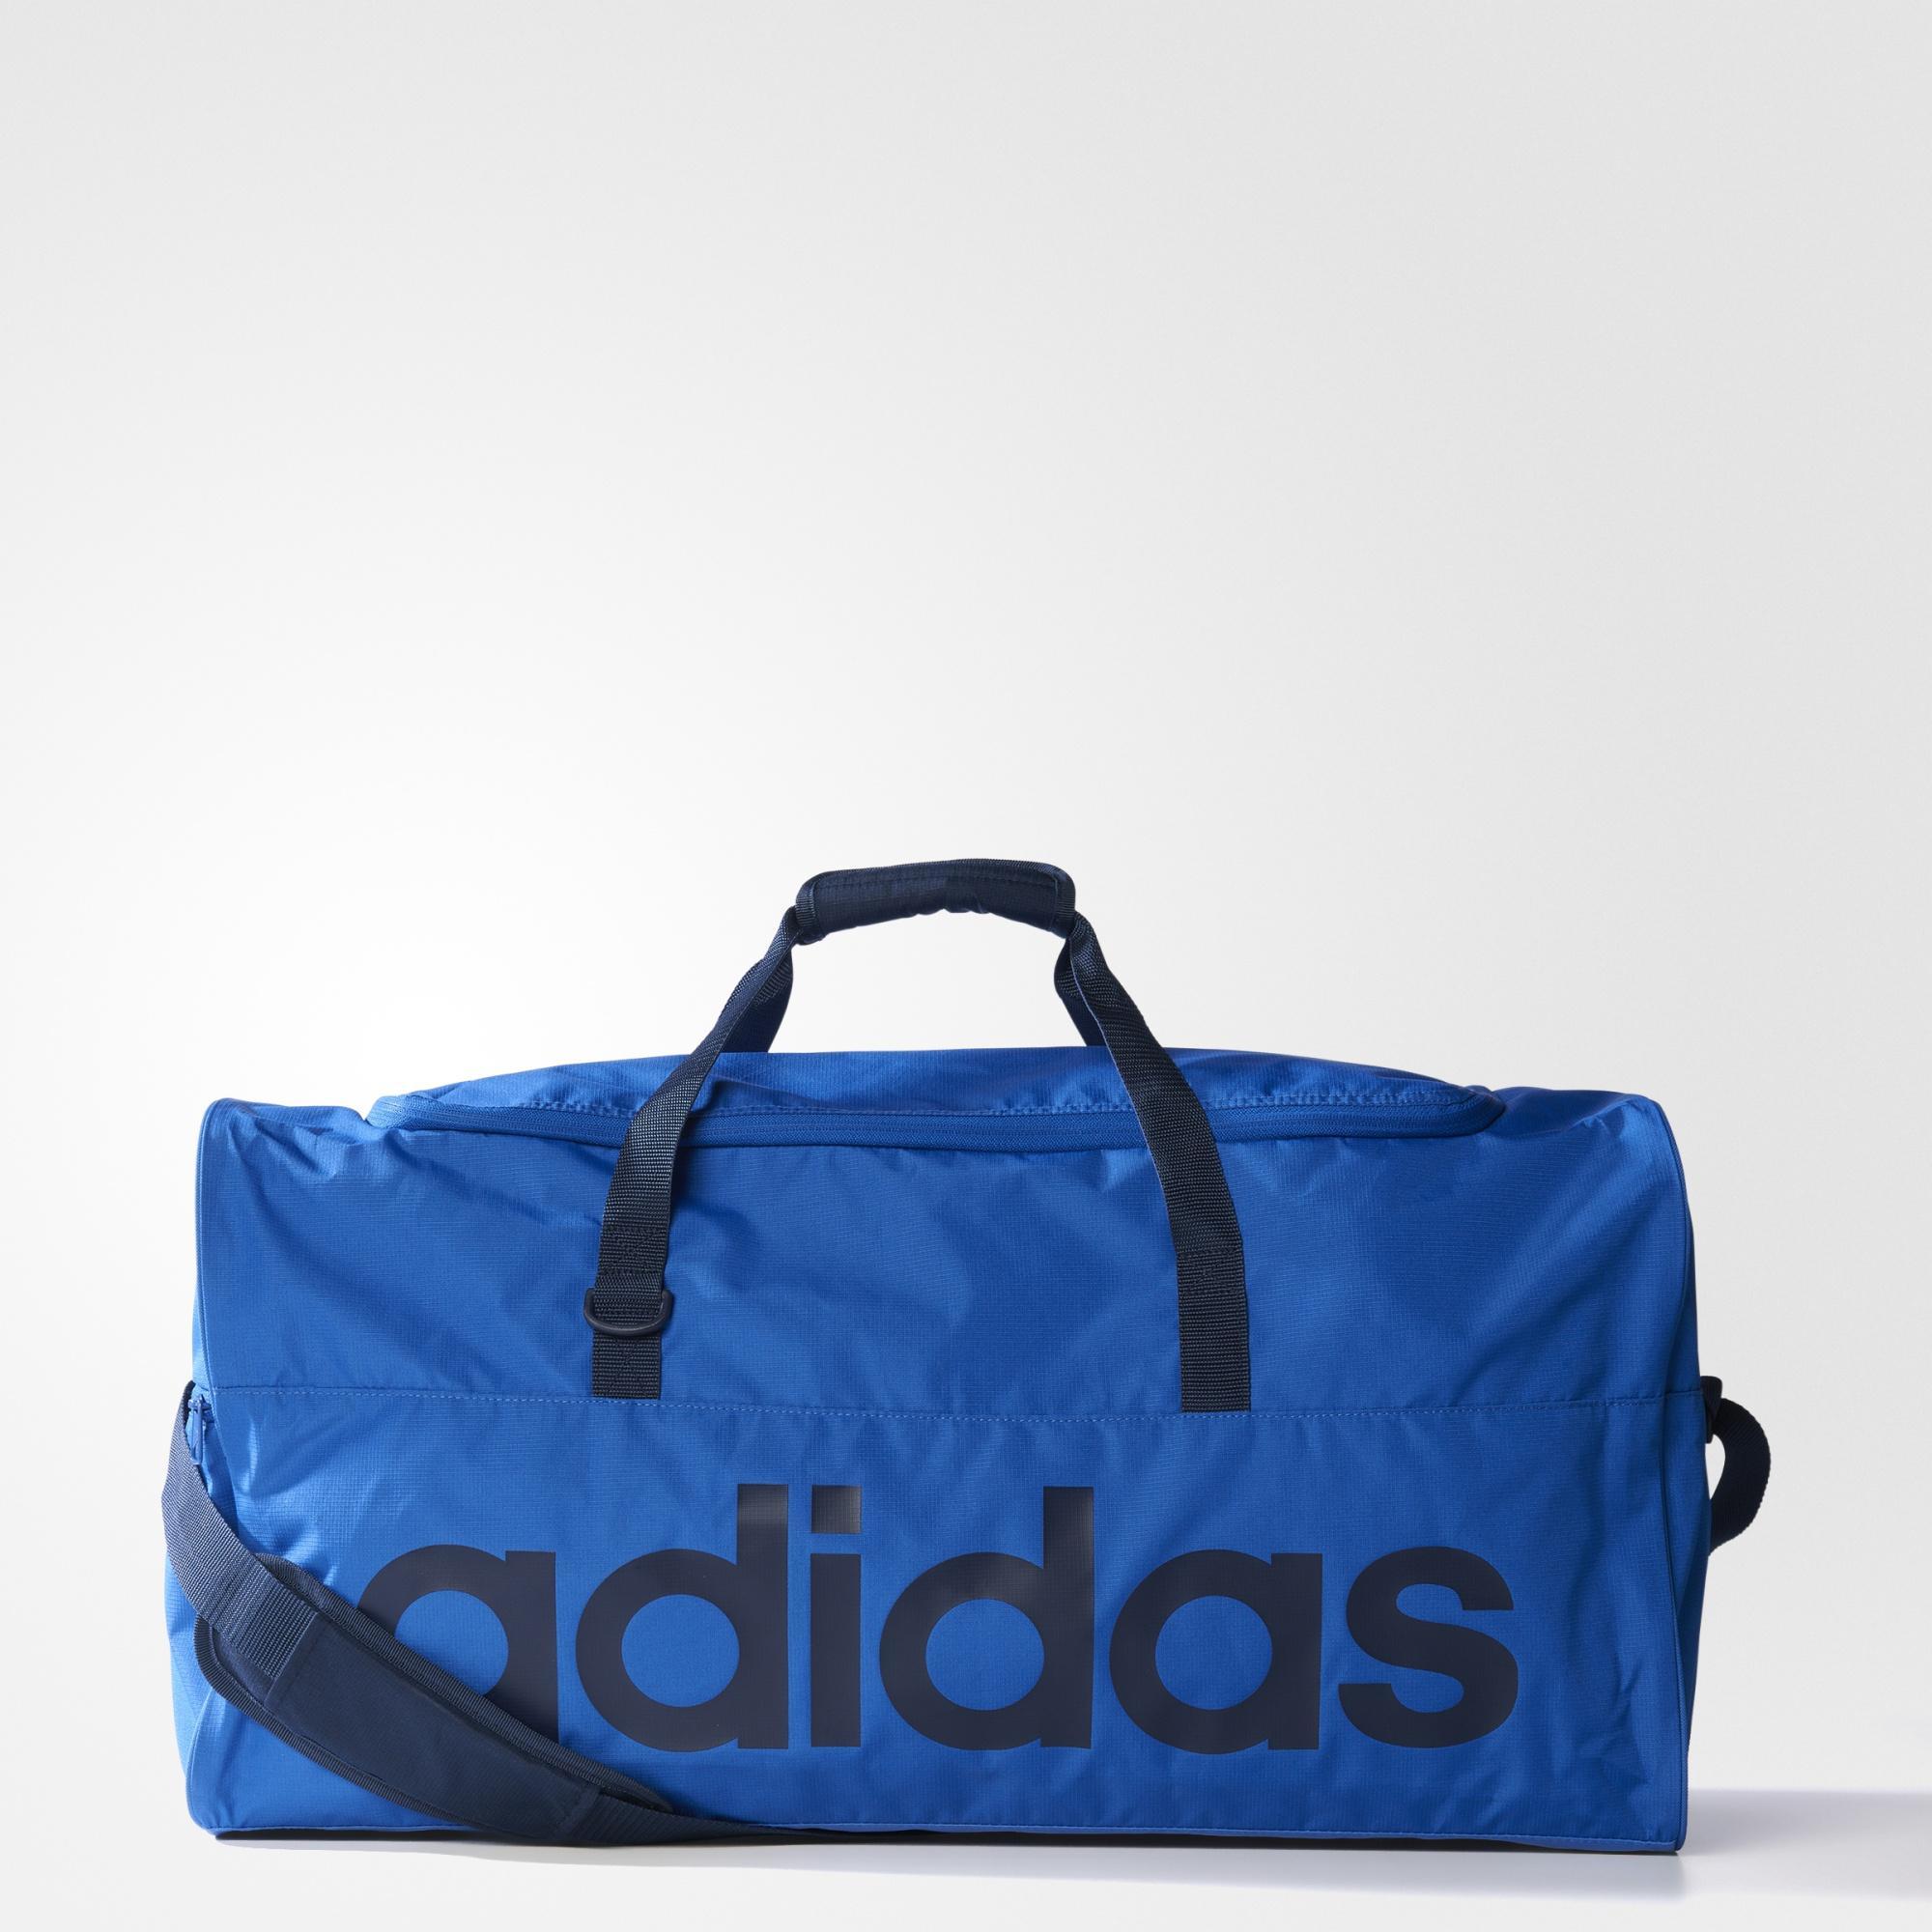 Sélection d'articles en promotion - Ex: Sac de sport Adidas Grand Format Linear Bleu (Taille L)